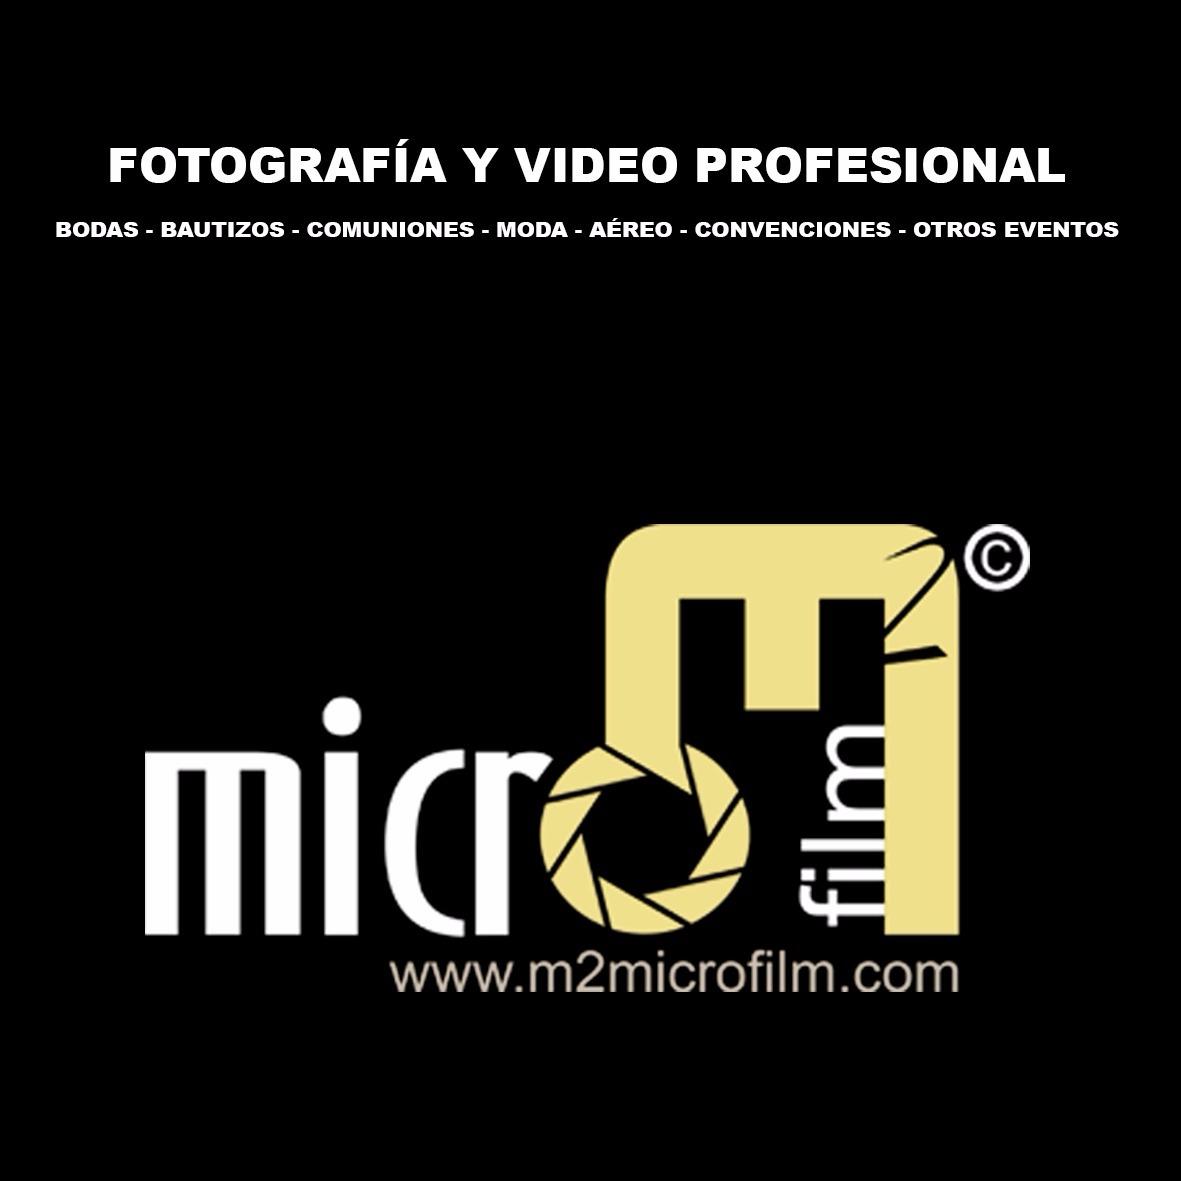 Fotografía y vídeo prfesional, también drone. - Málaga